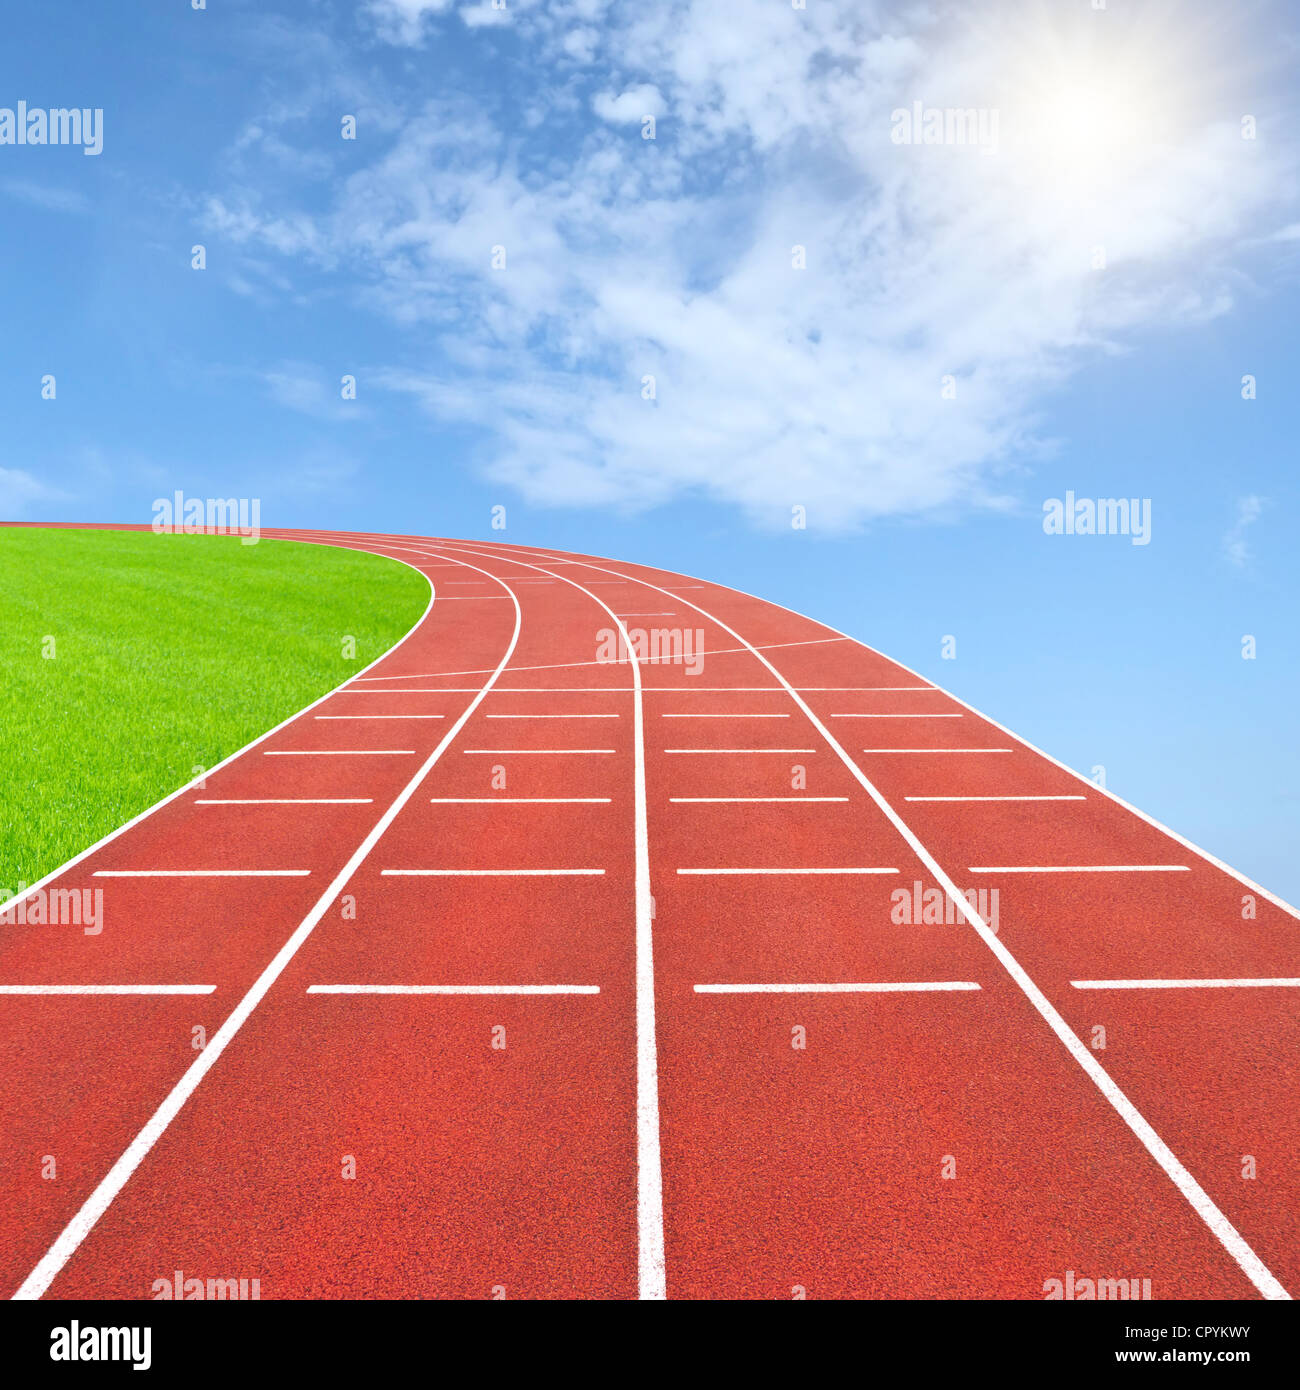 Plantilla de Juegos Olímpicos de verano Foto de stock